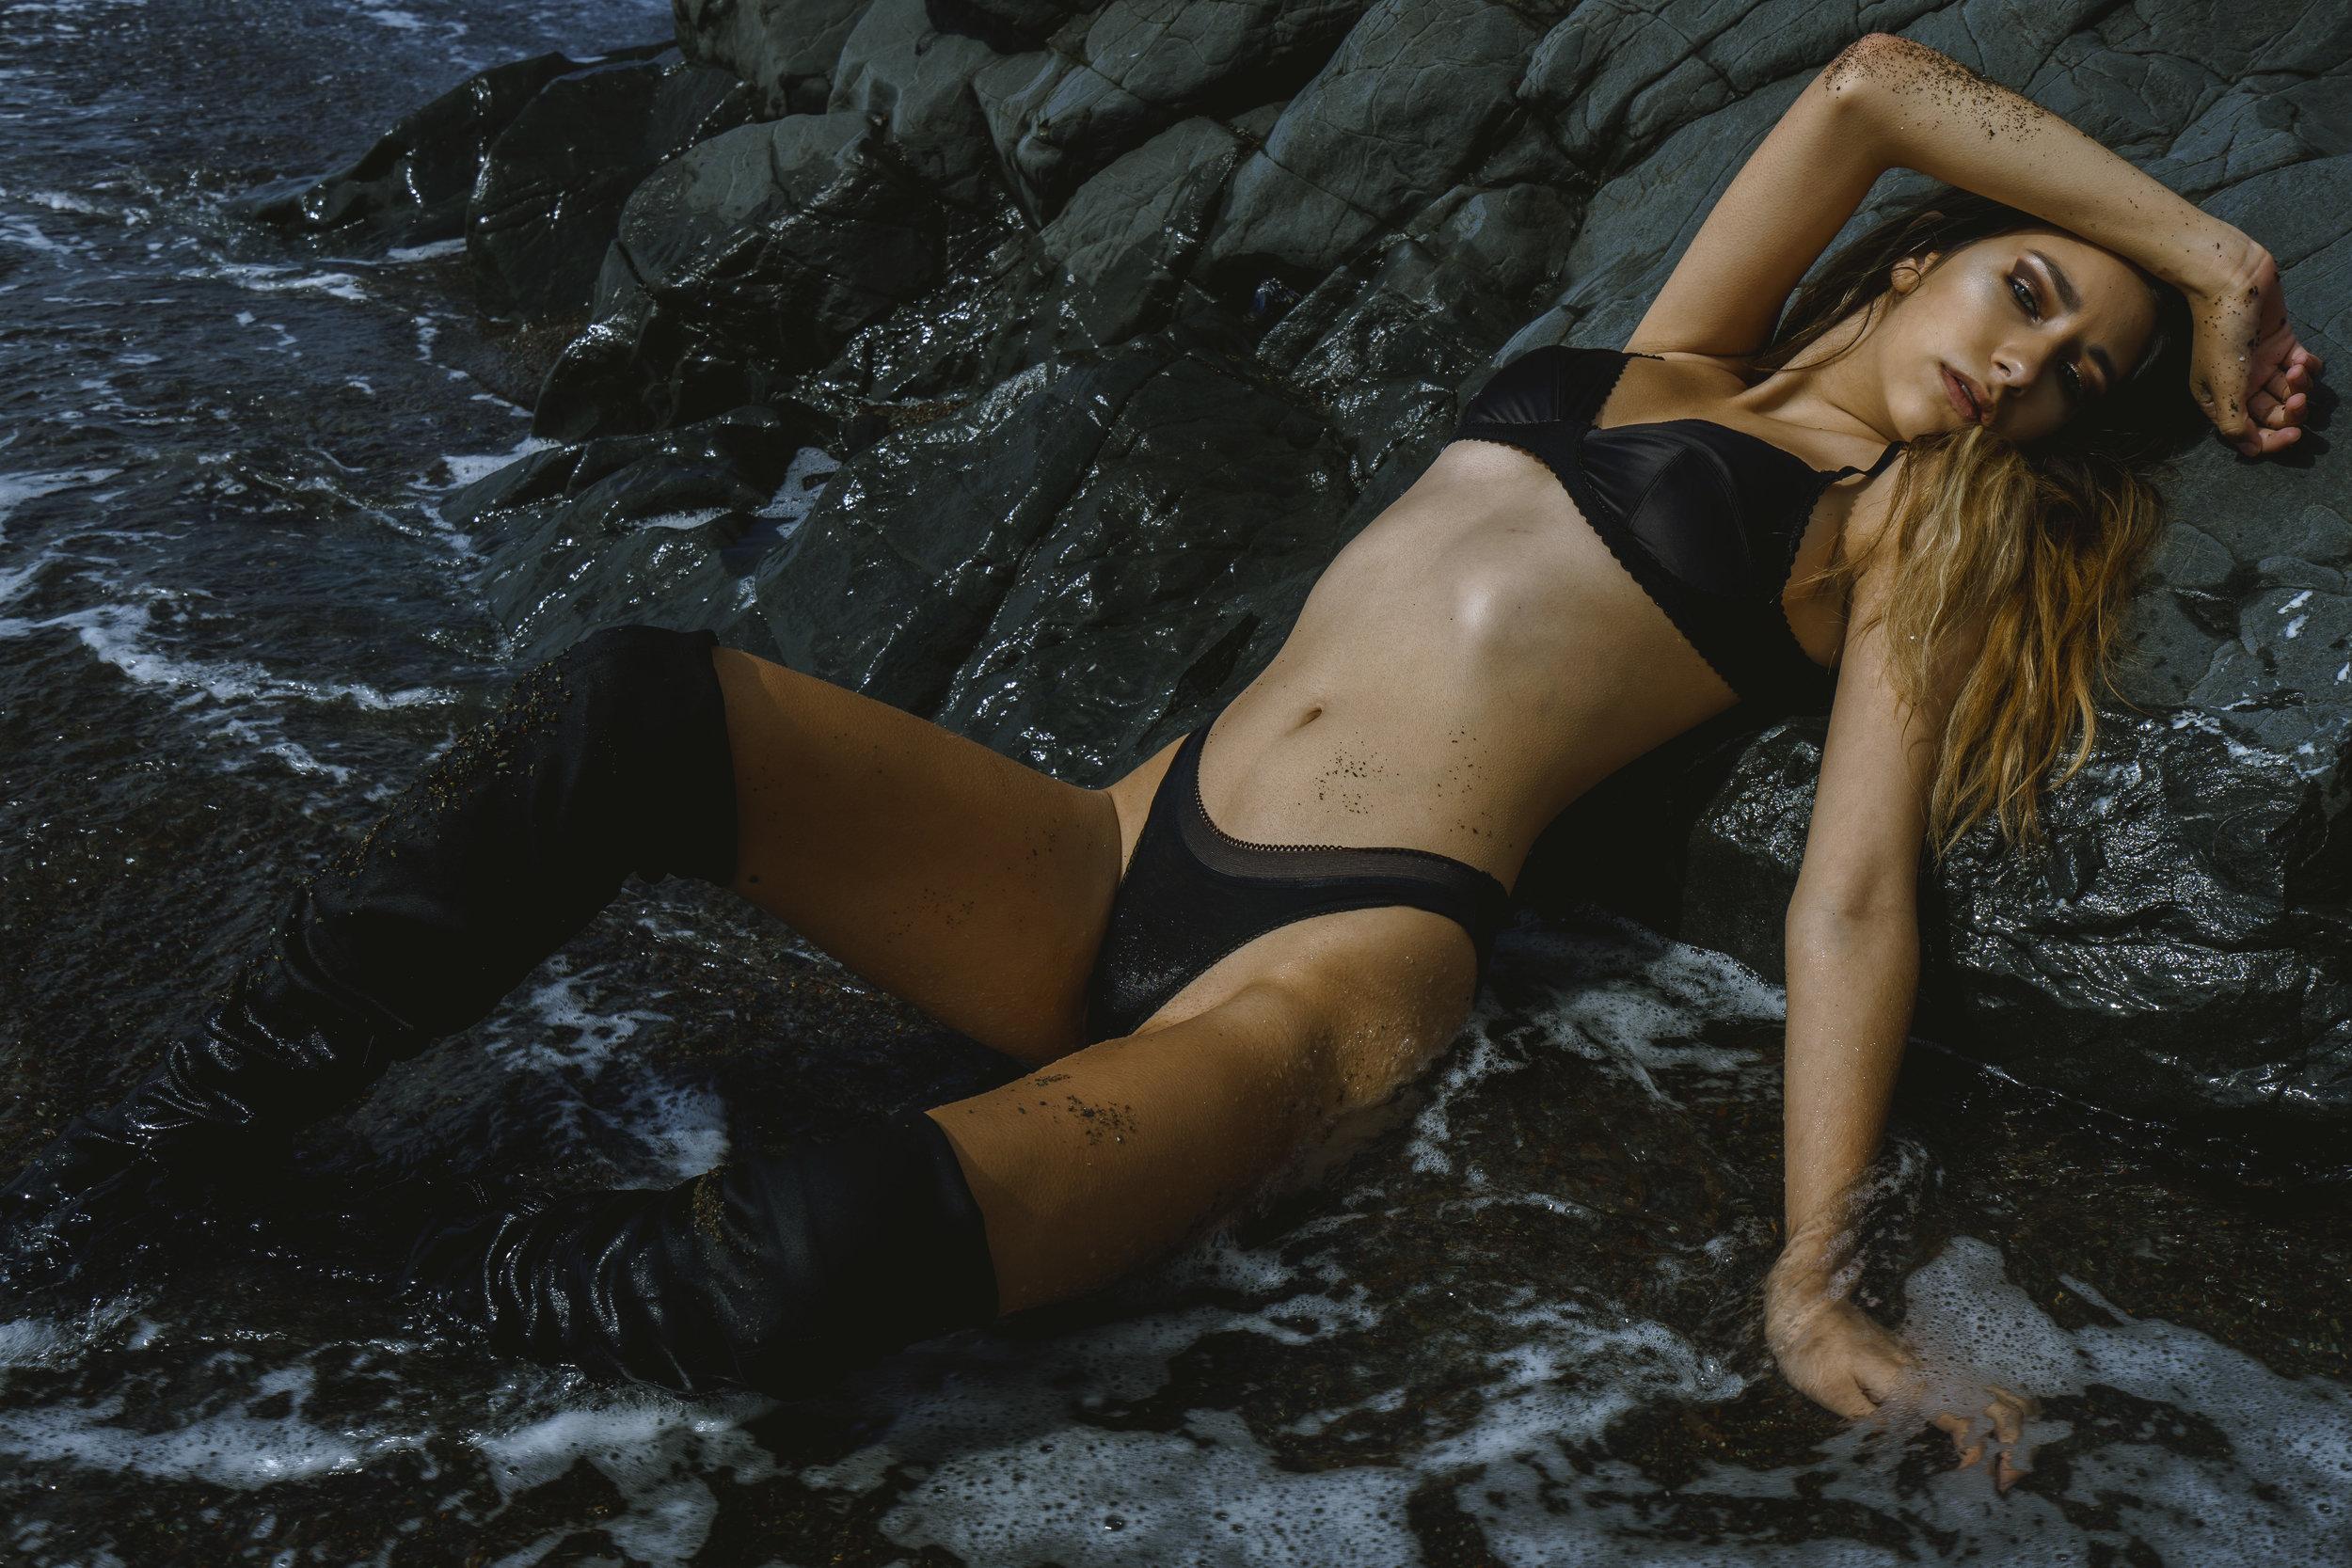 BLACK WAVE - Starring Gina Maria